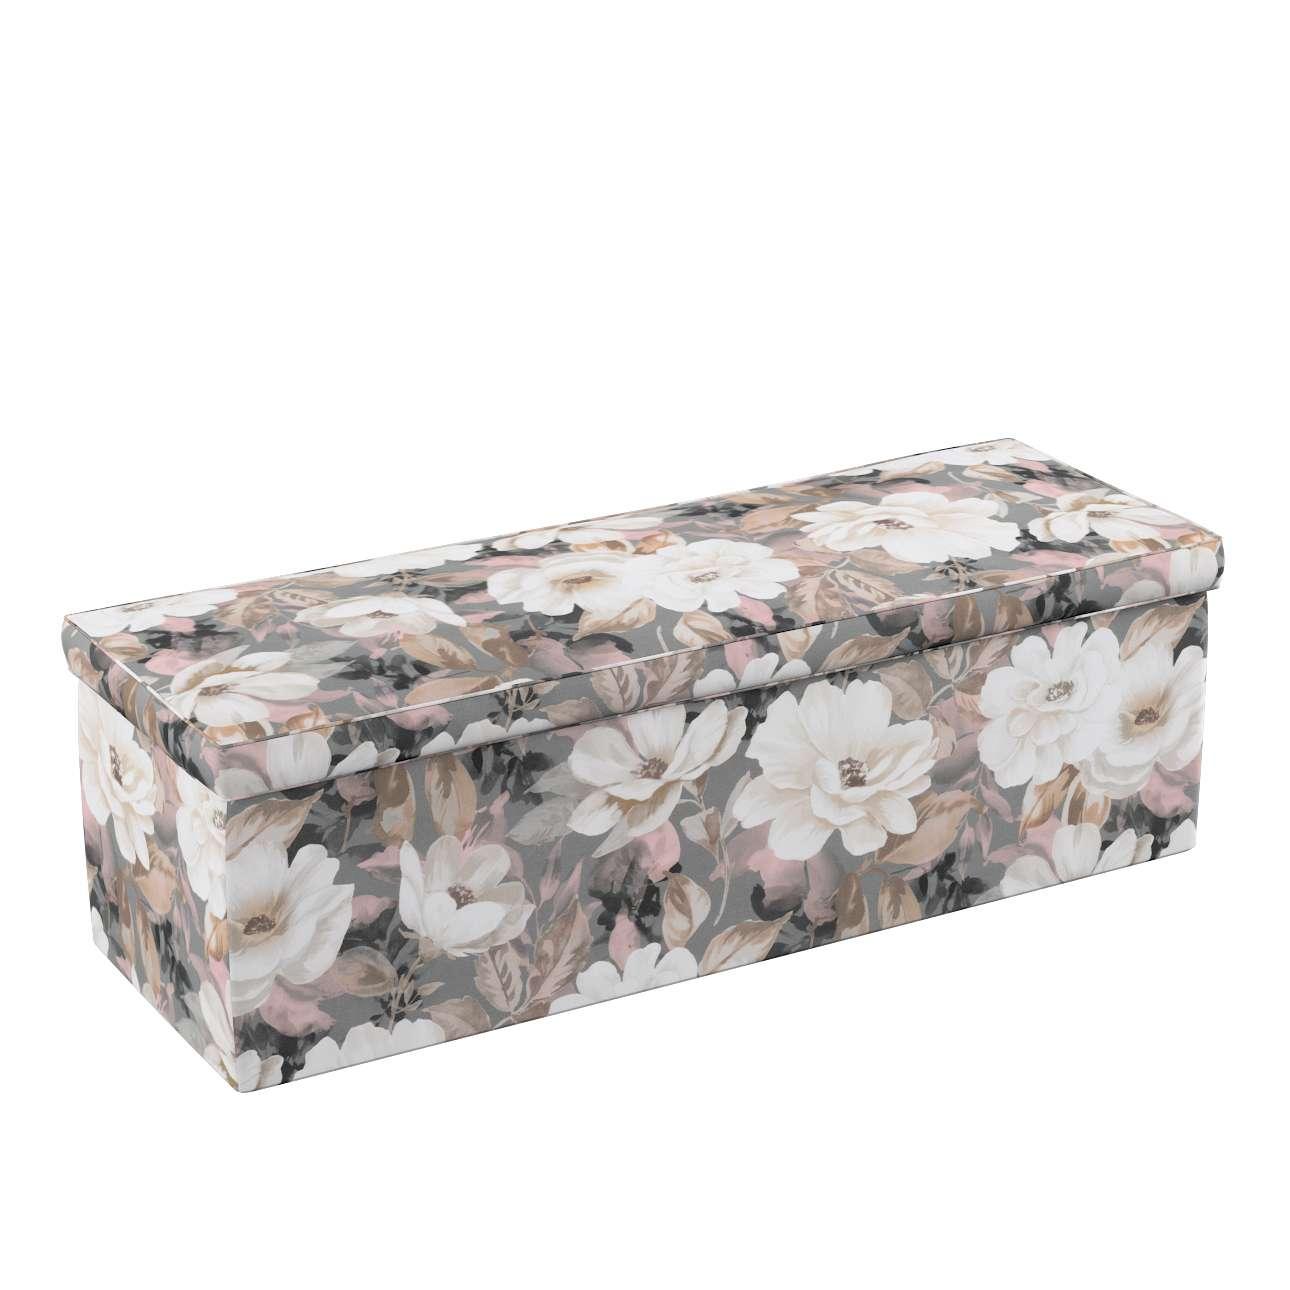 Čalouněná skříň s volbou látky - 2 velikosti v kolekci Gardenia, látka: 142-13